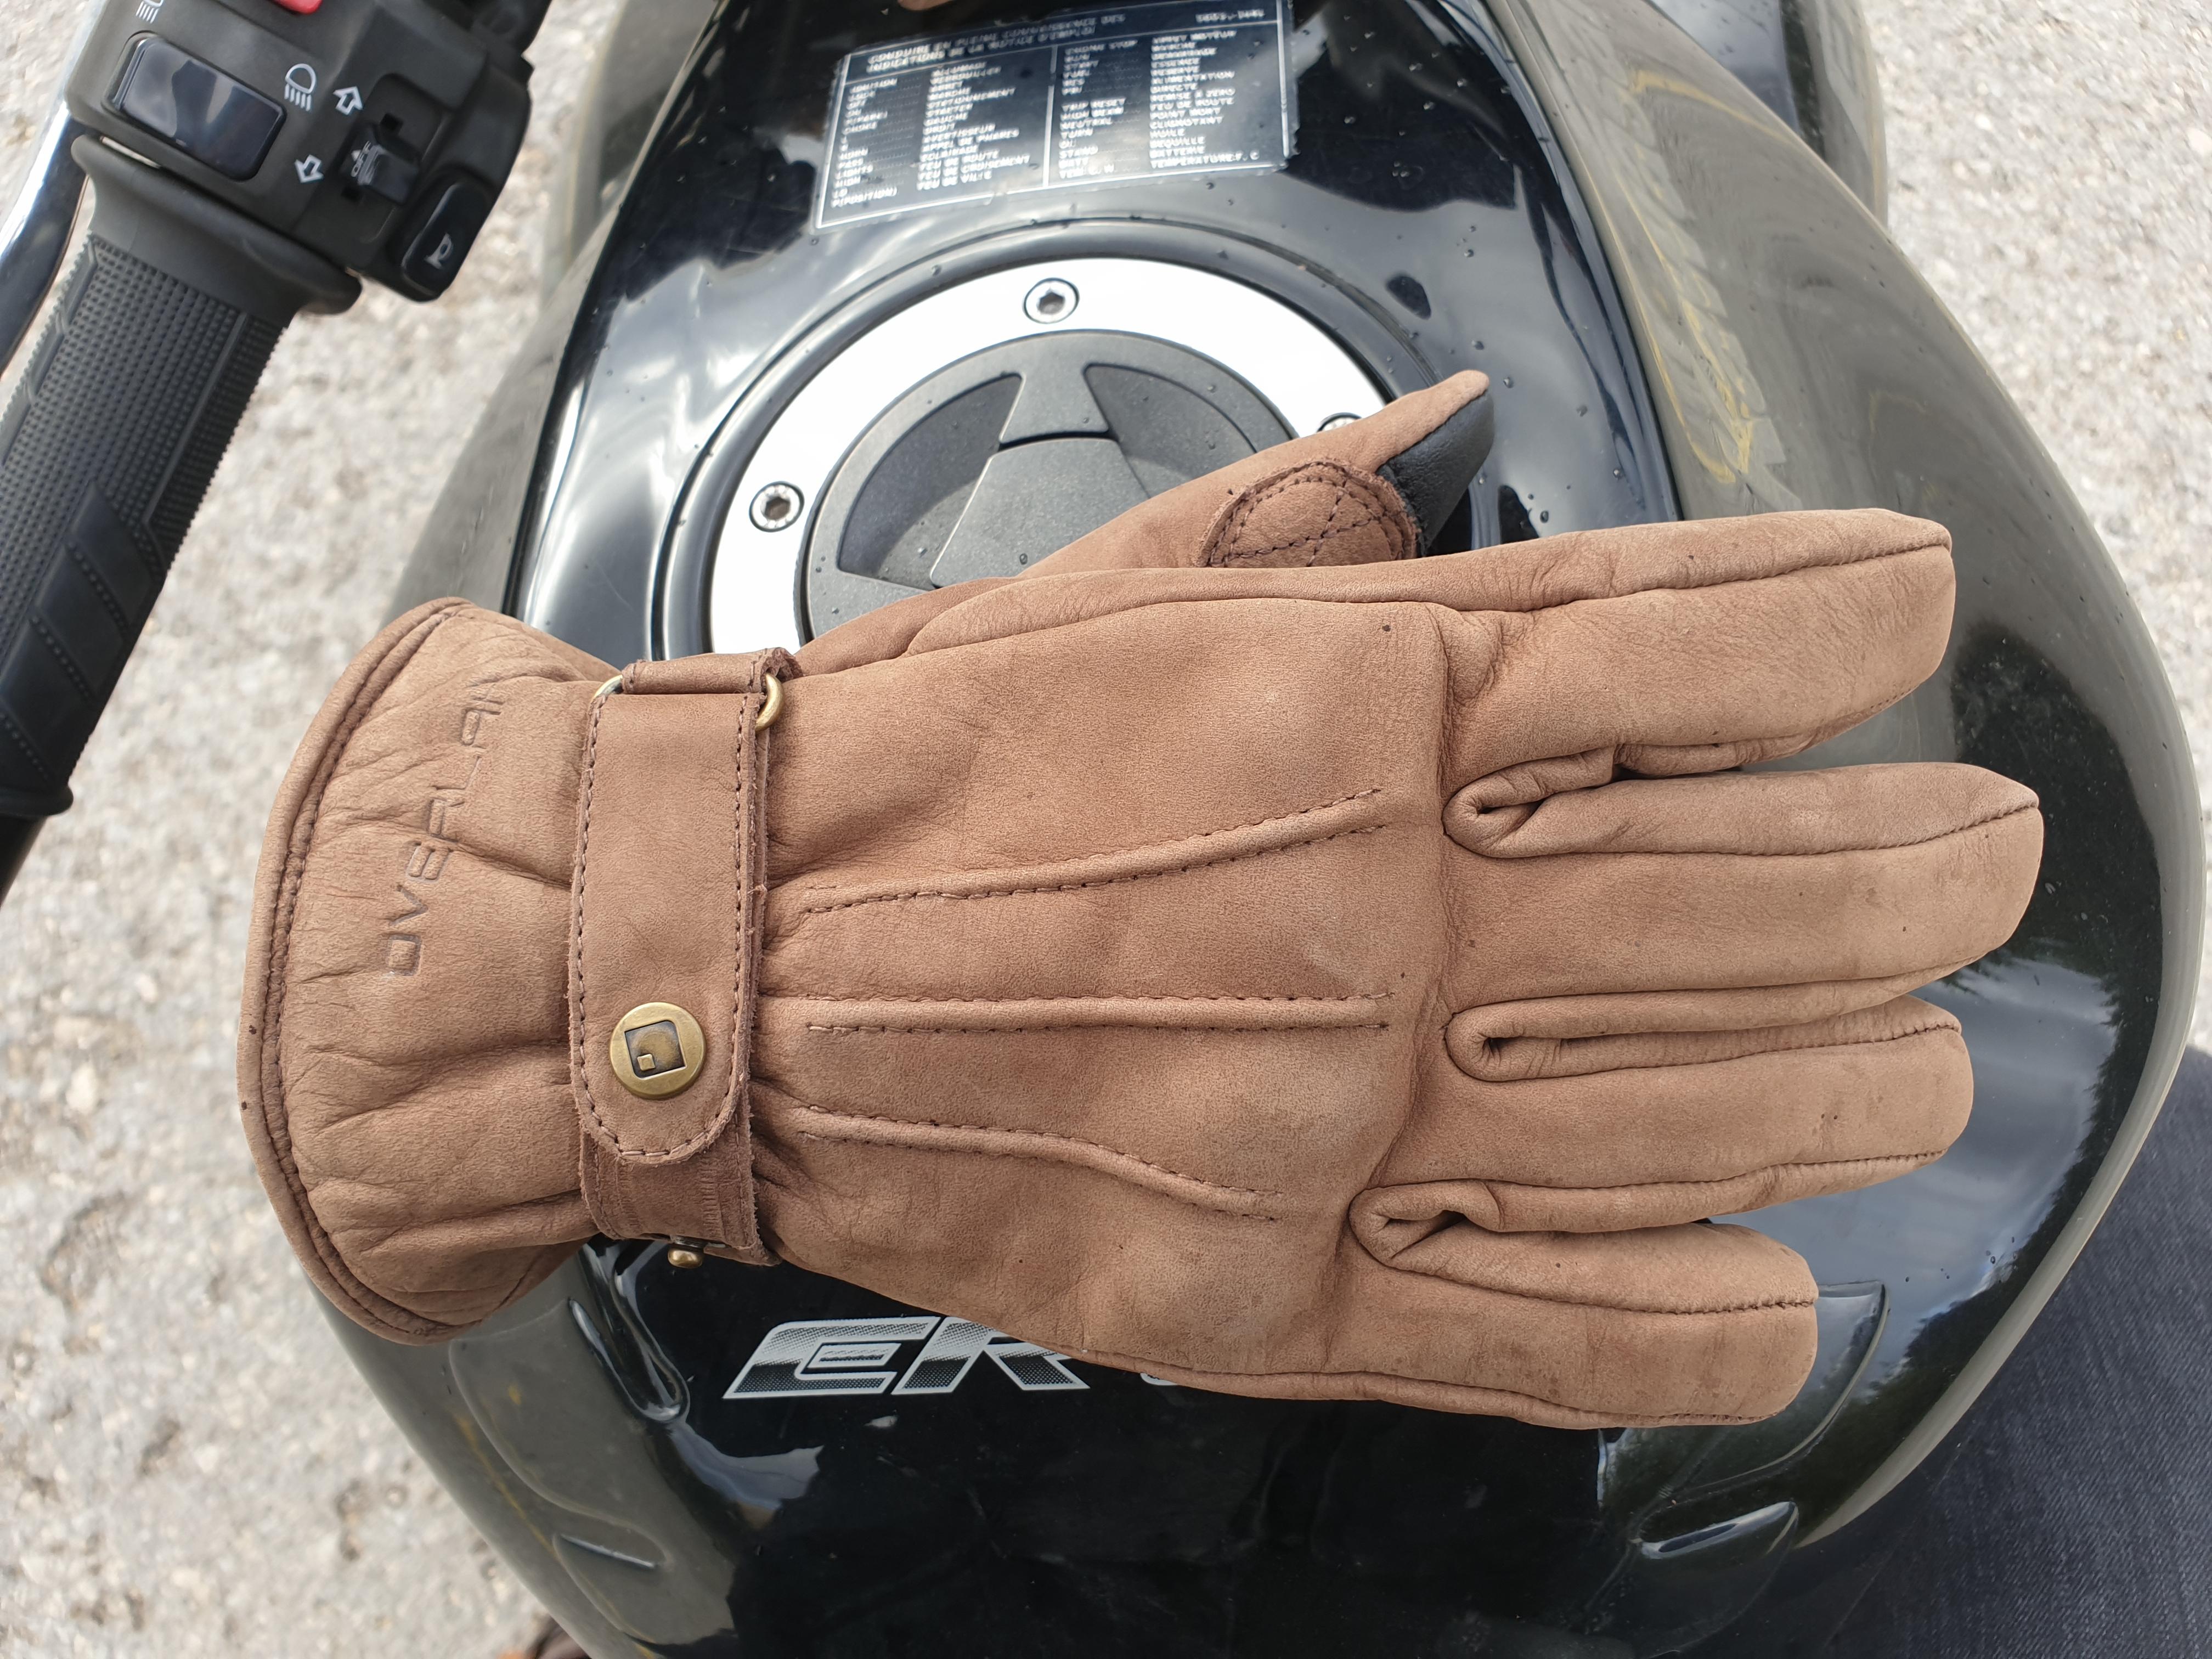 cuir suédé pour les gants Overlap London Lady